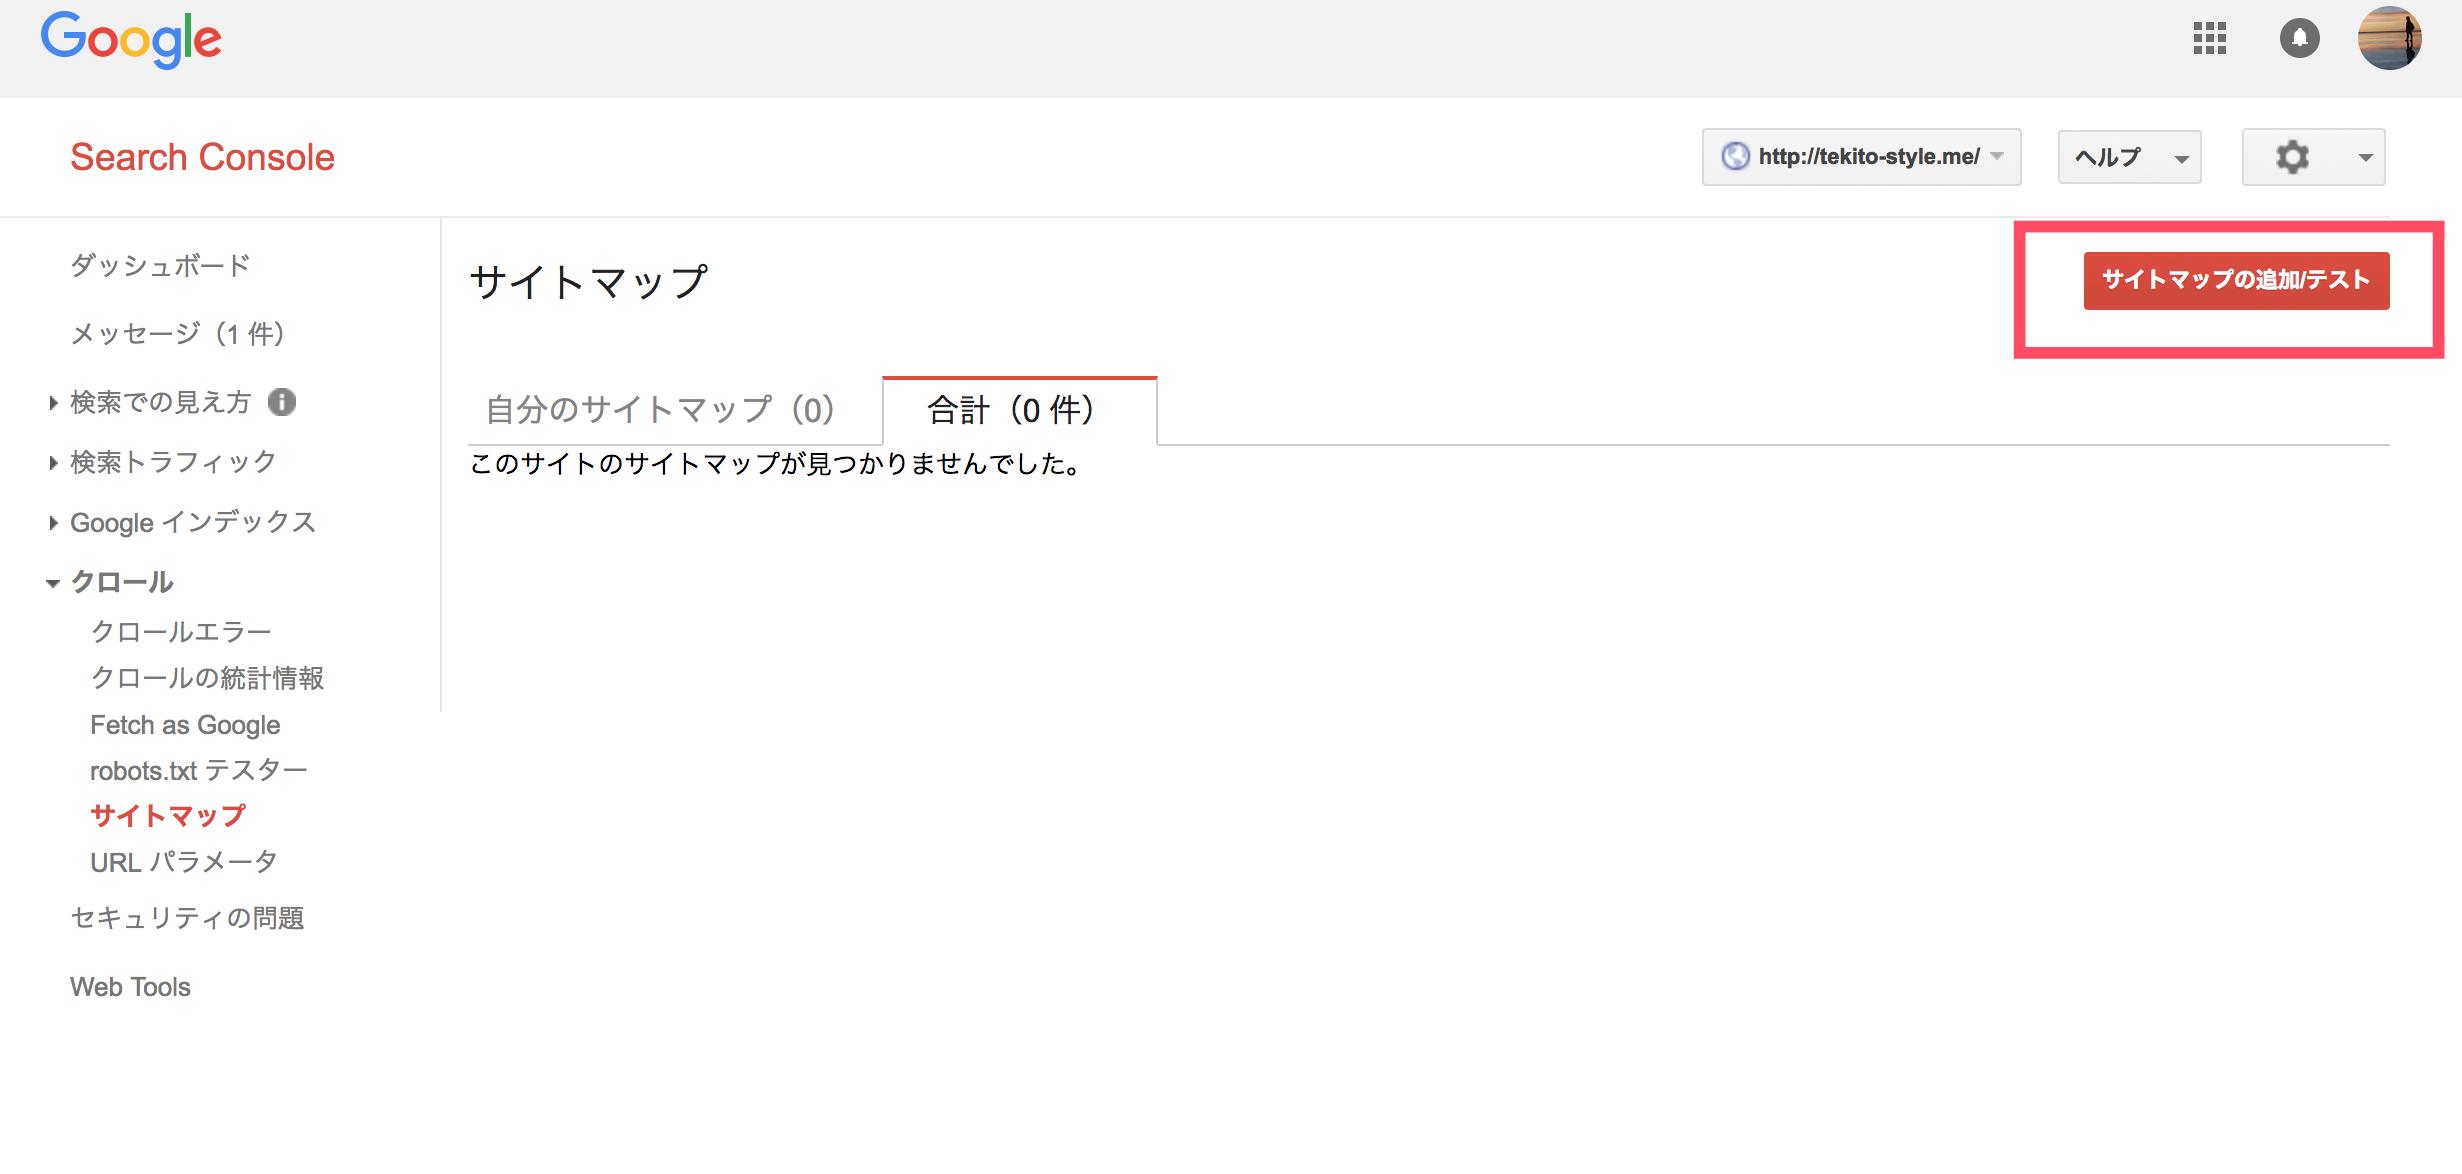 Google Search Consoleのダッシュボード